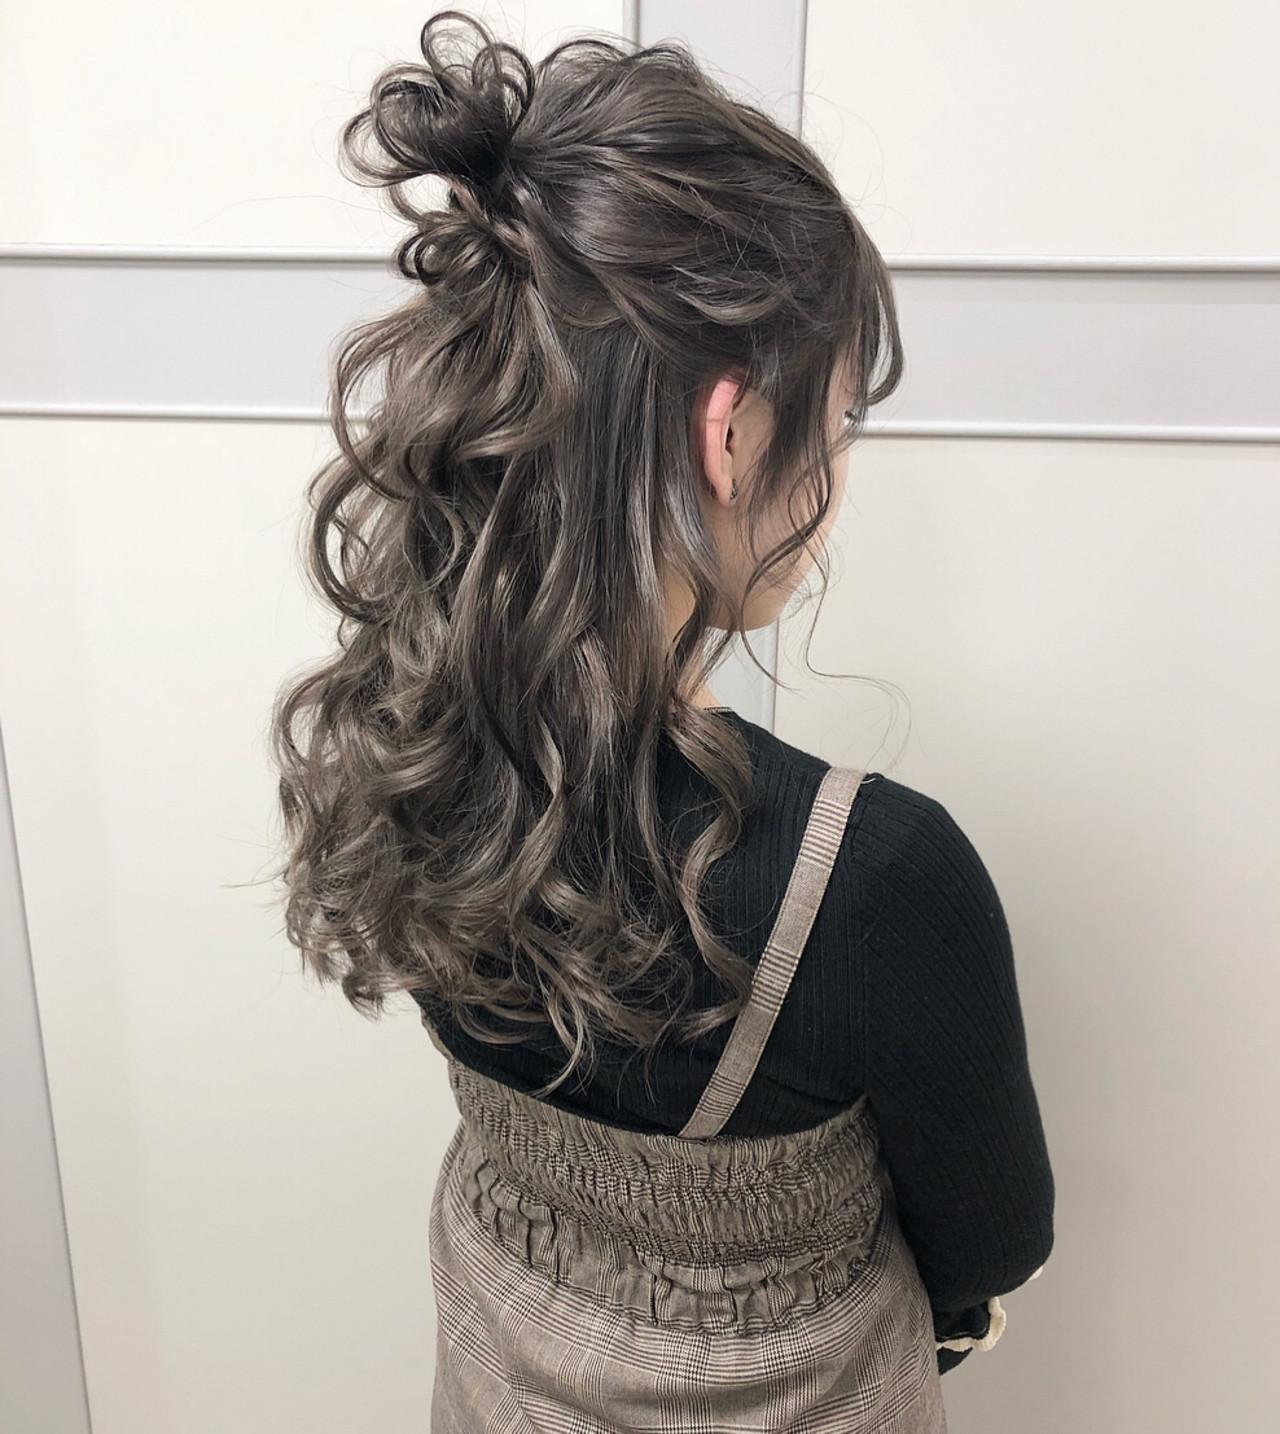 ハーフアップ シルバー ガーリー ロング ヘアスタイルや髪型の写真・画像